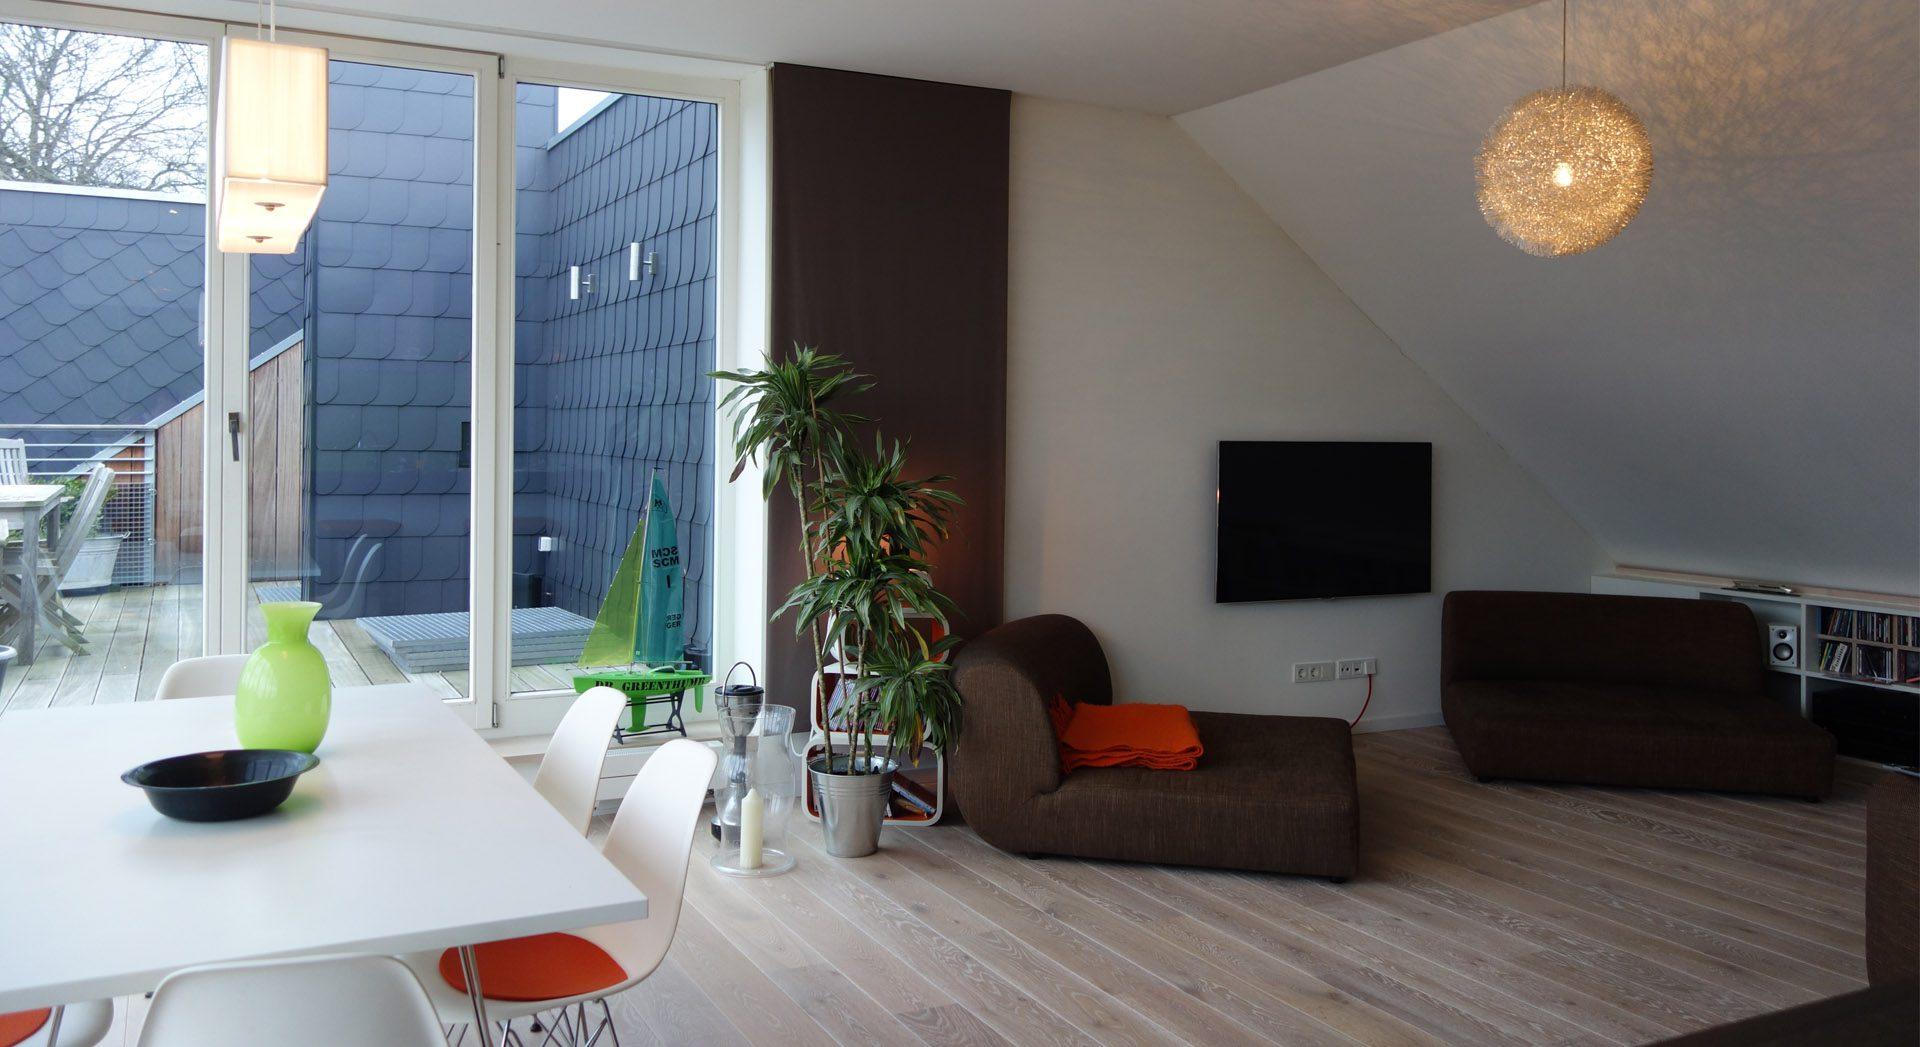 Einfamilienhaus; Innenarchitektur; Möbeldesign; Lichtgestaltung; Lichtdesign; Wohnungsbau;